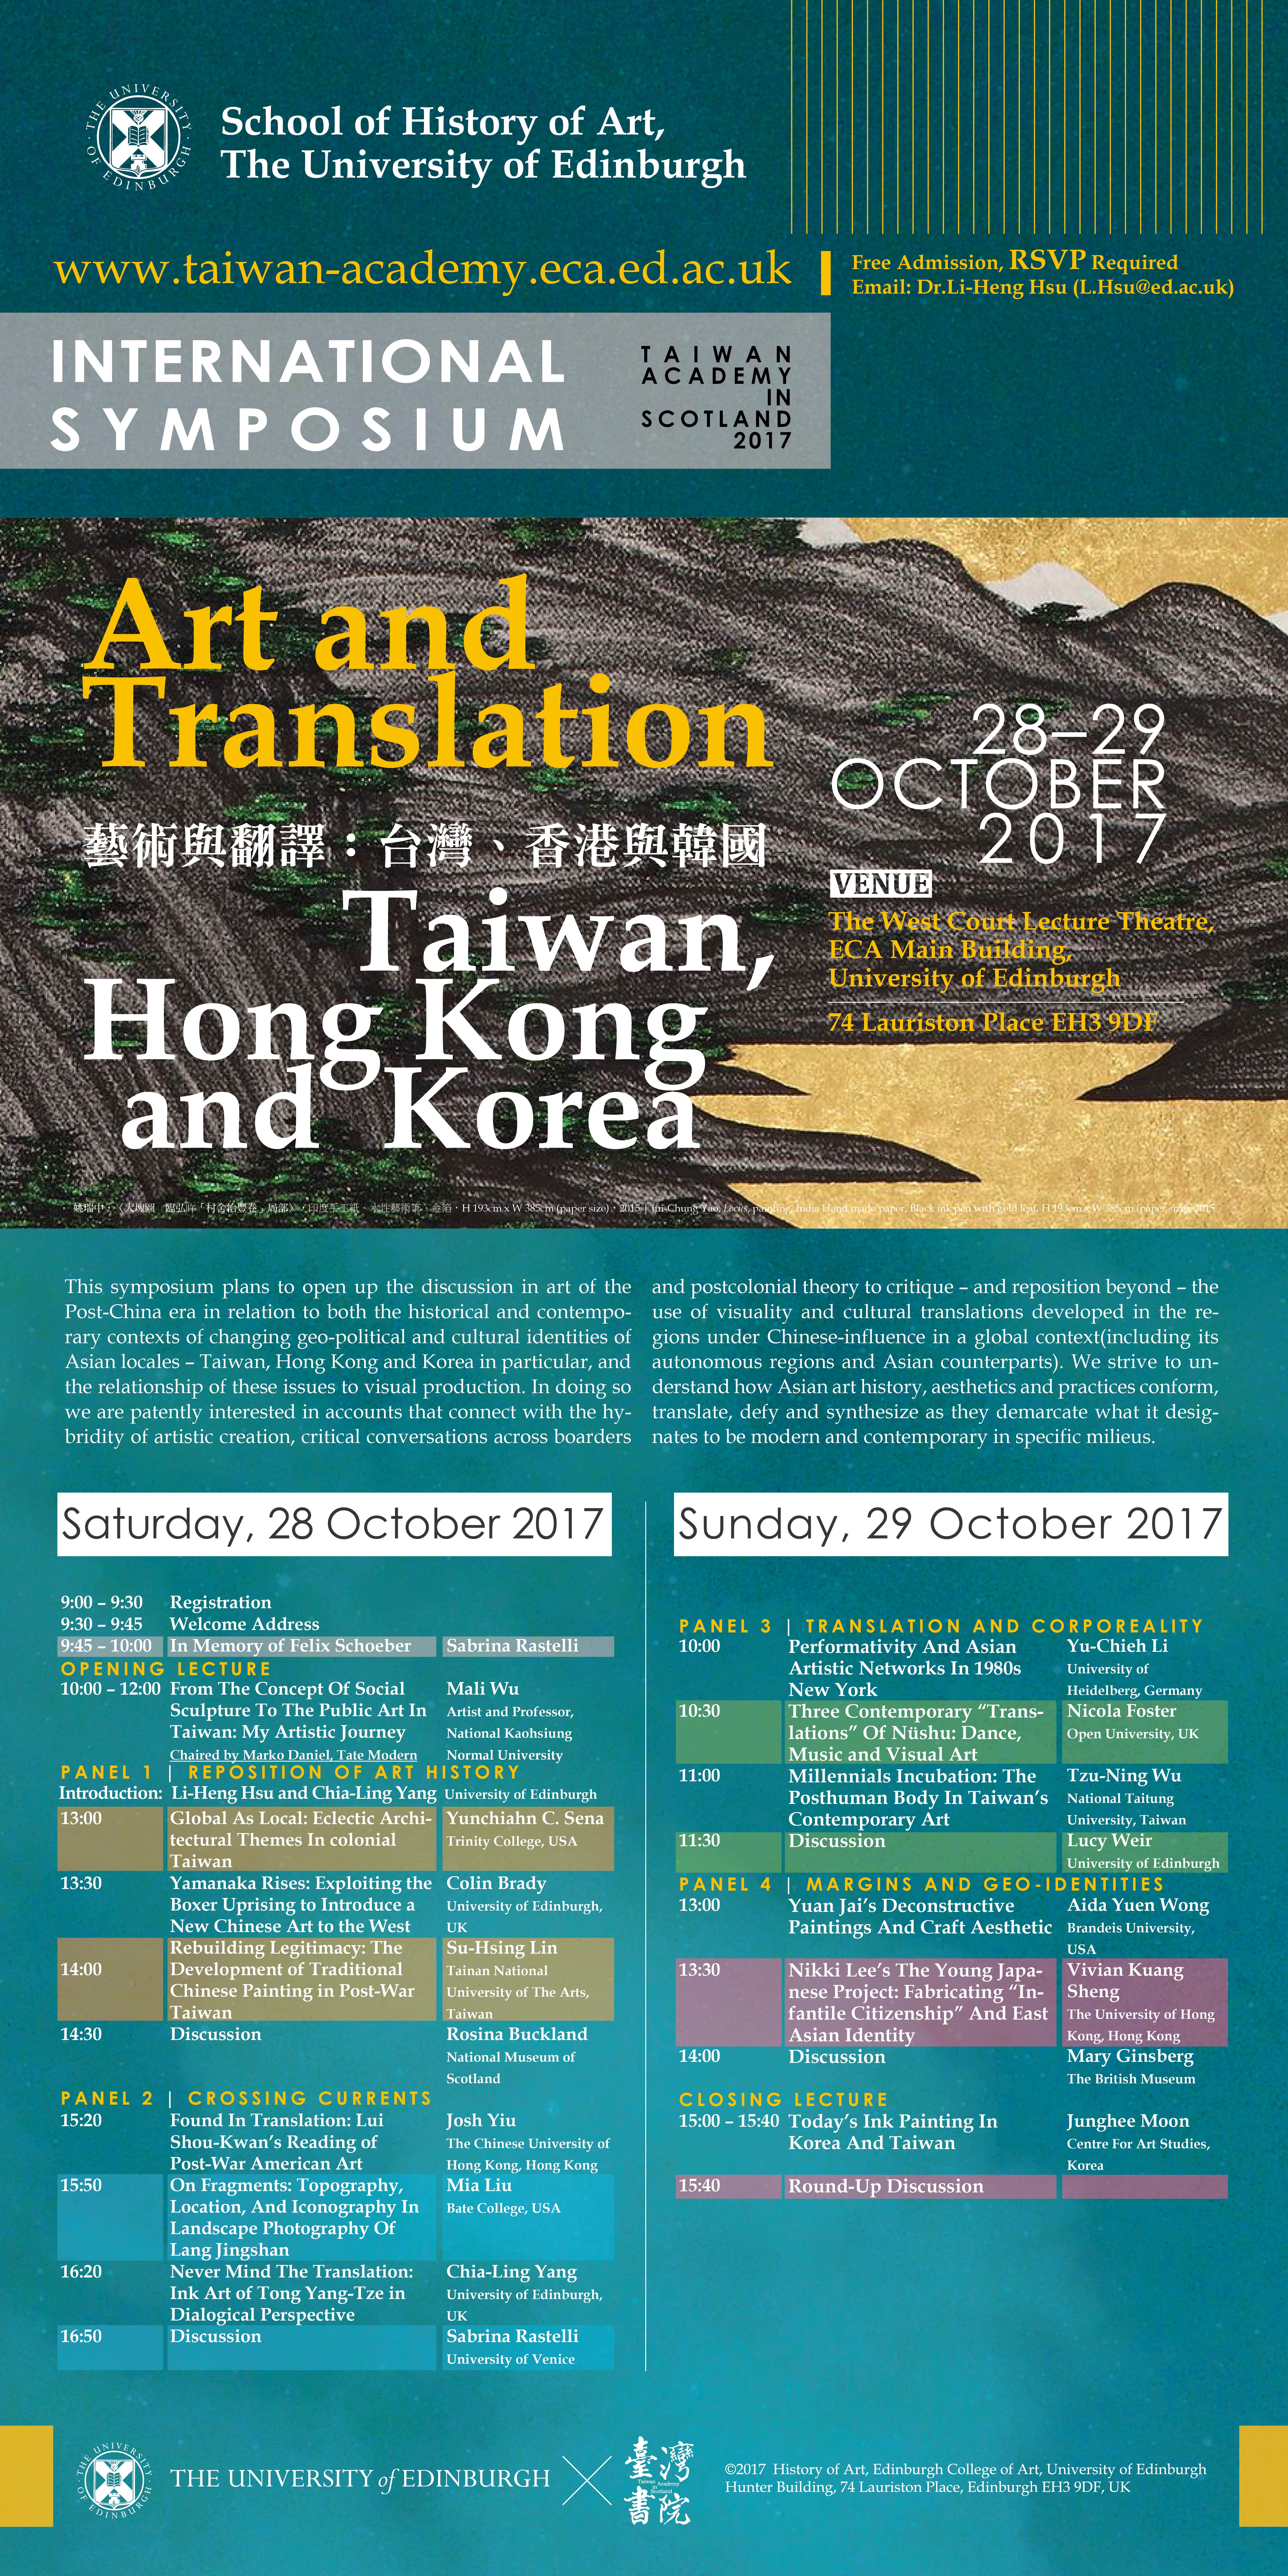 Art and Translation in Taiwan, Hong Kong and Korea